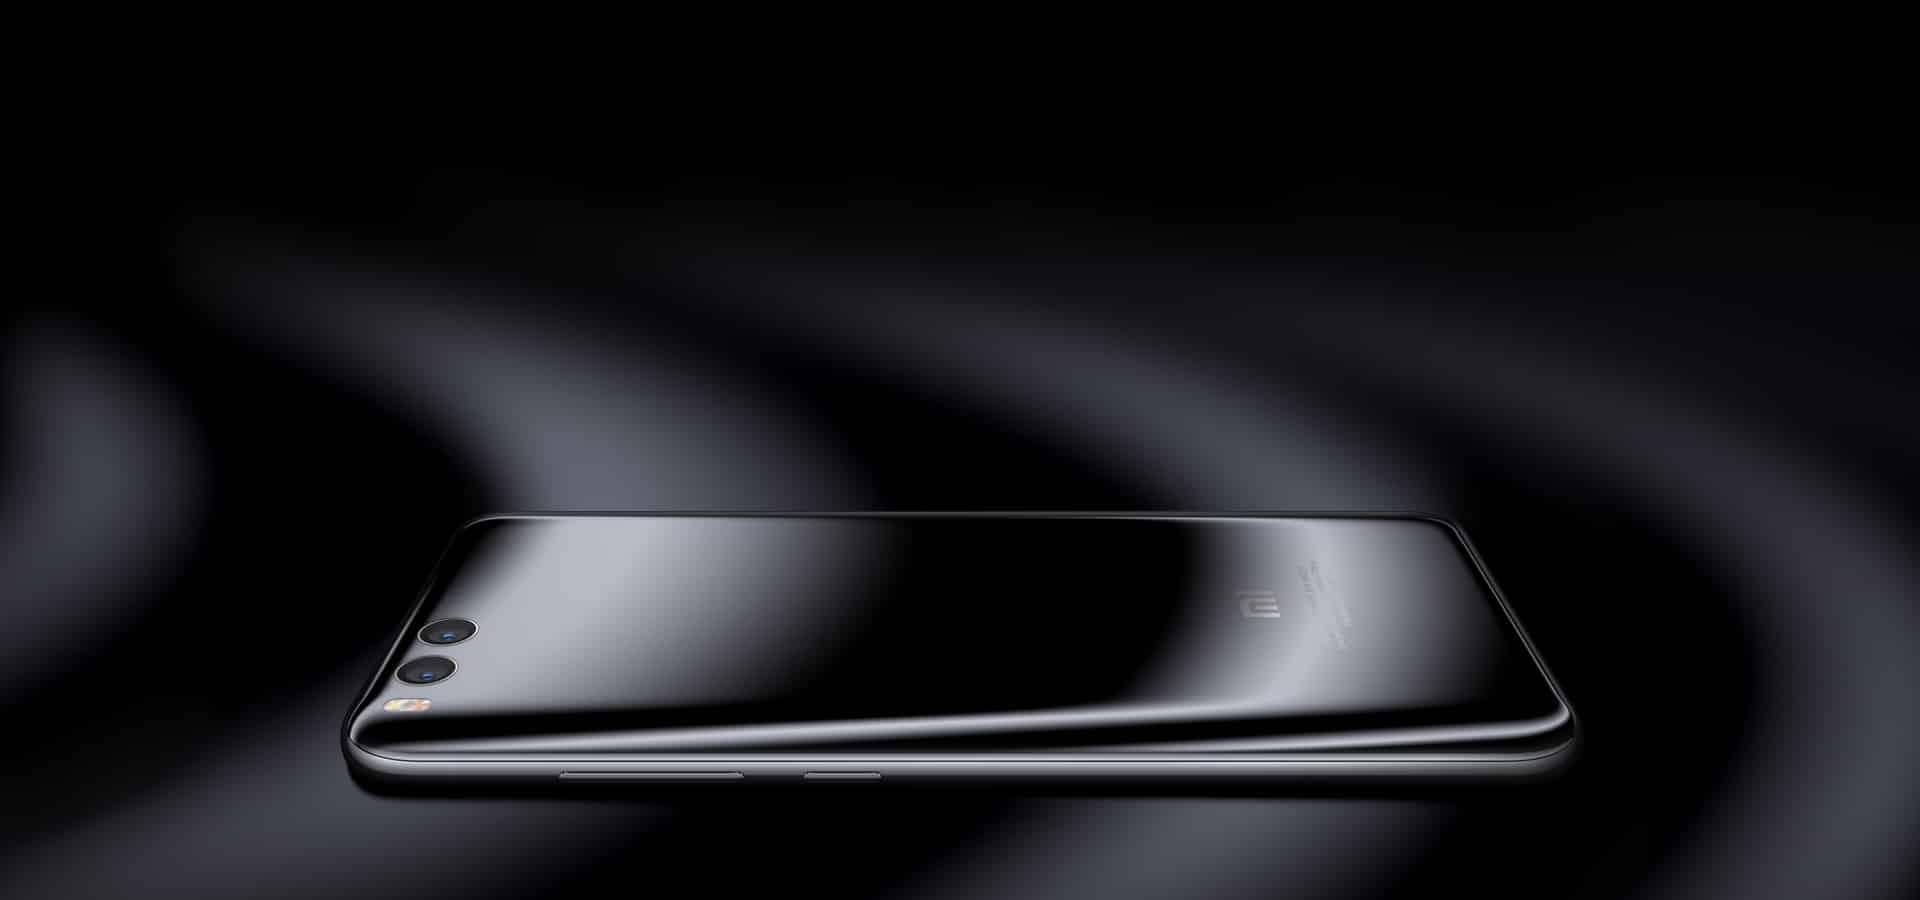 Xiaomi-Mi-6-imagen-oficial-(3)